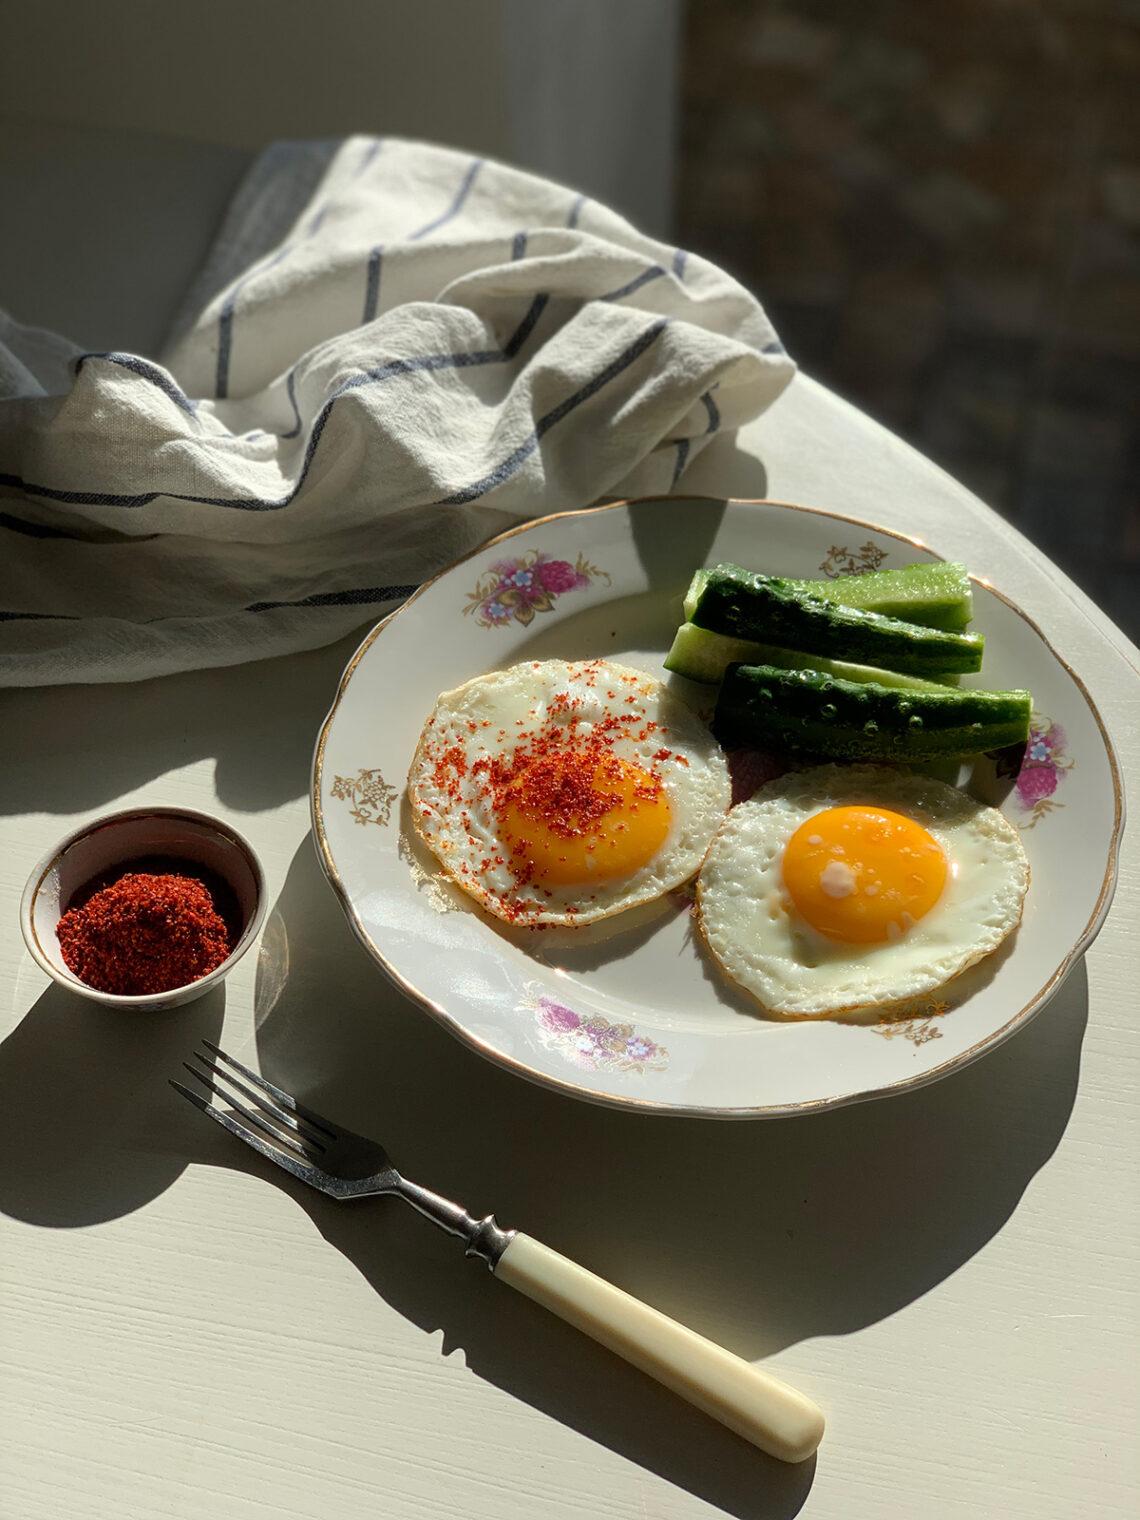 Яичница по-бессарабски. Сайт кулинарных рецептов Марии Каленской.